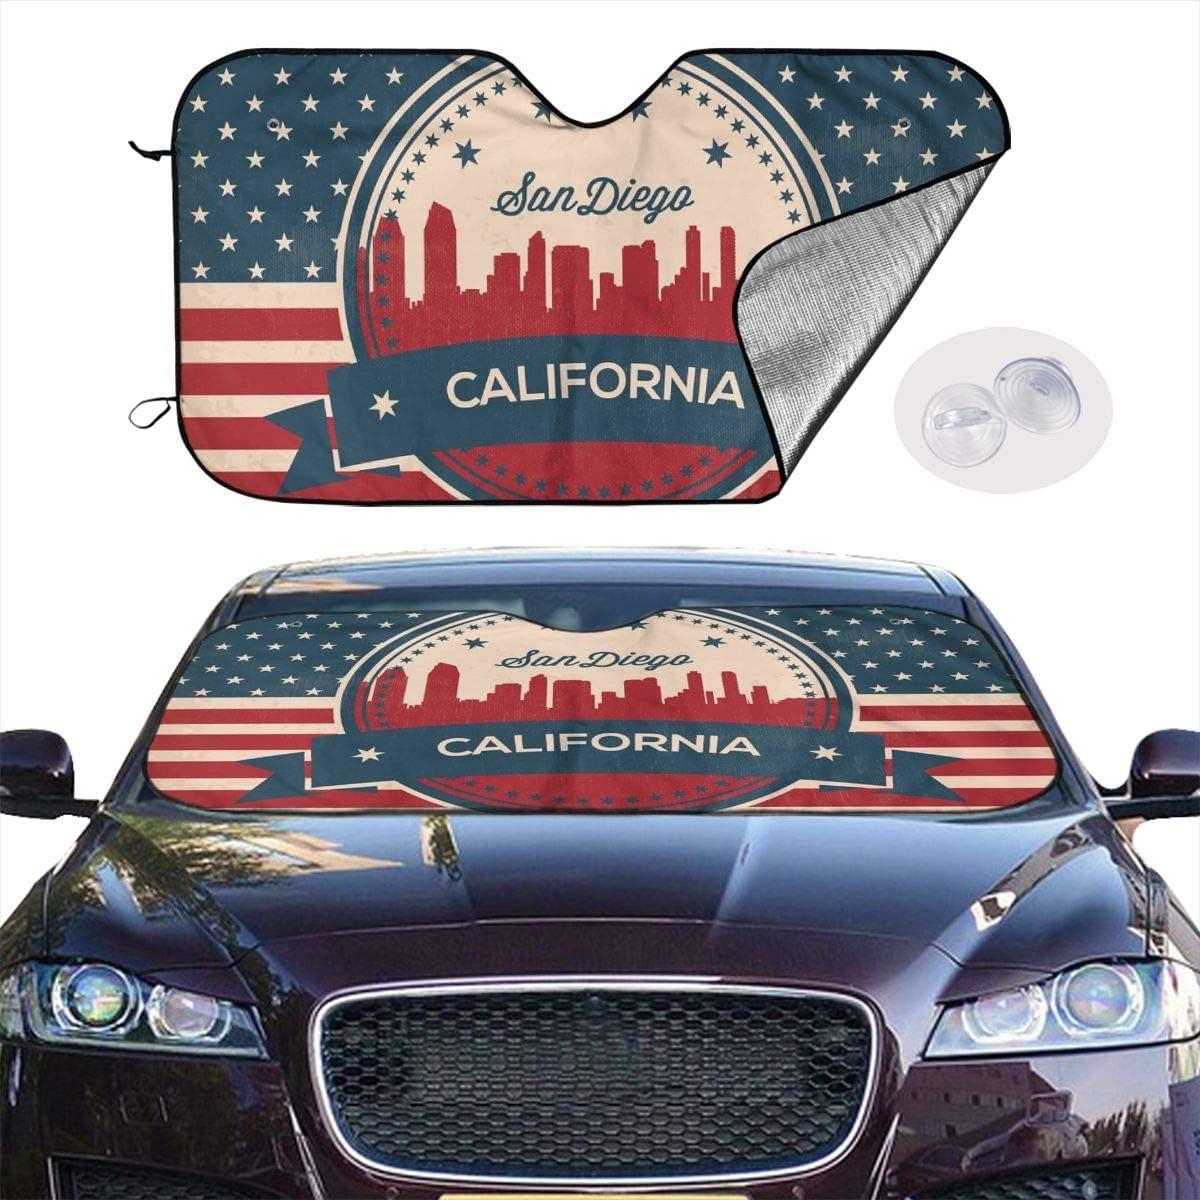 Rayons UV SUV Polyester camions Pare-Soleil r/étro Californie Risating Pare-Soleil pour Voiture Pare-Soleil pour fen/être Avant Blanc minivans r/éflecteur de Chaleur Taille Unique